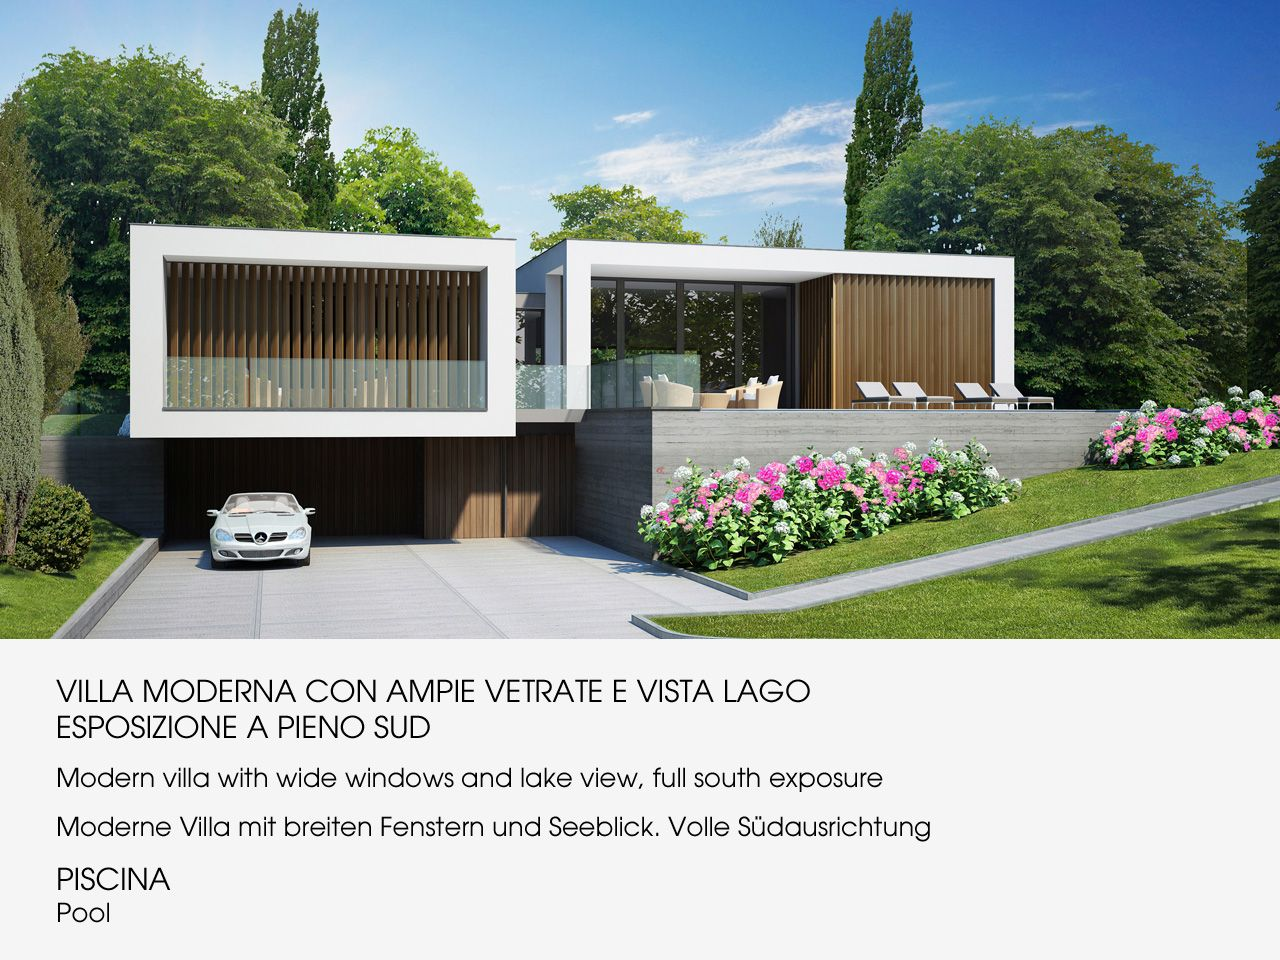 Arizzano villa moderna vista lago nuova con piscina for Ville moderne con piscina